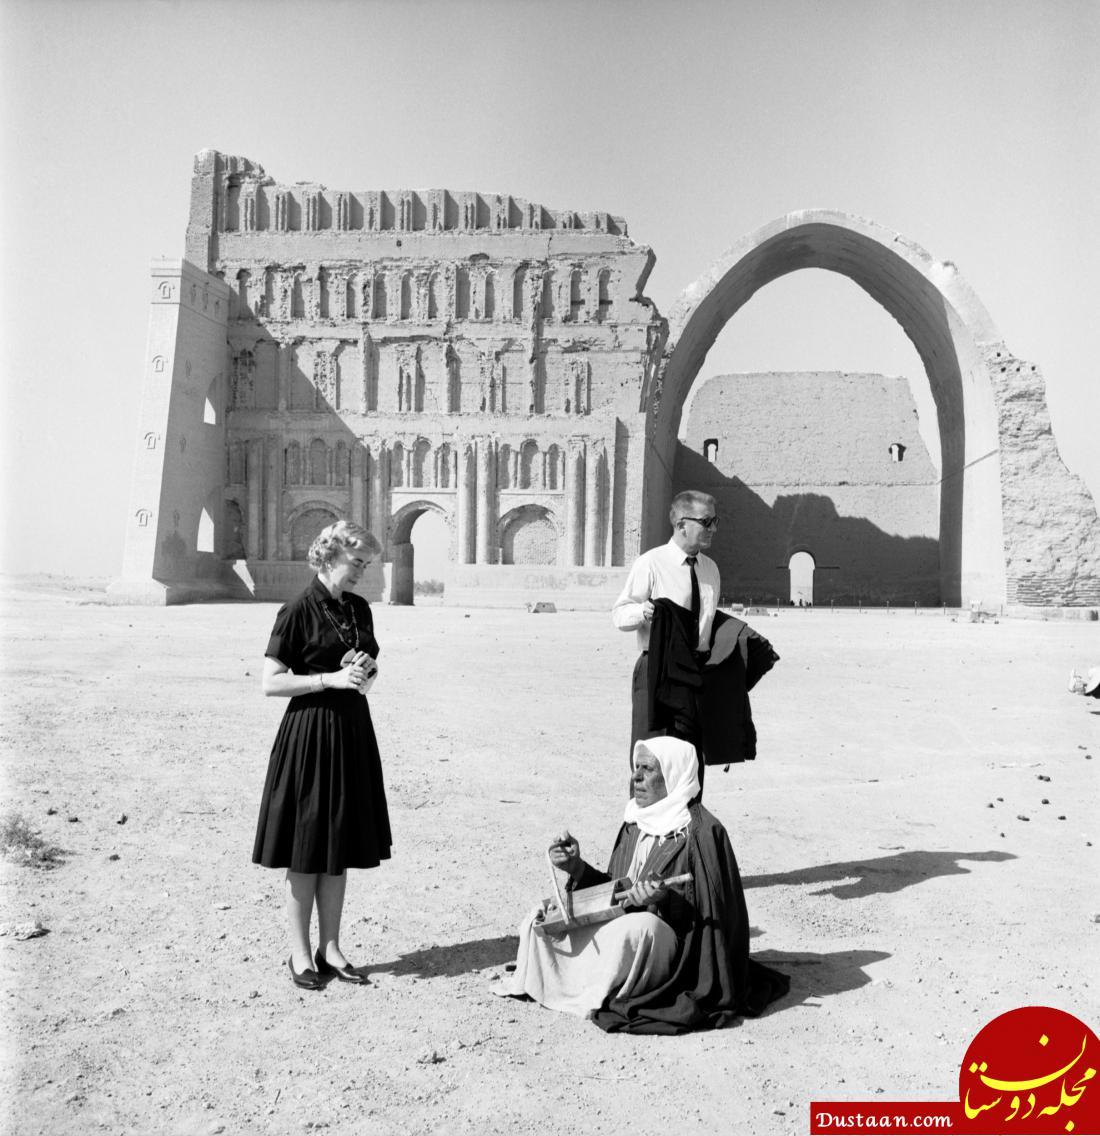 www.dustaan.com عکس های دیده نشده از زندگی غربزده عراقی ها